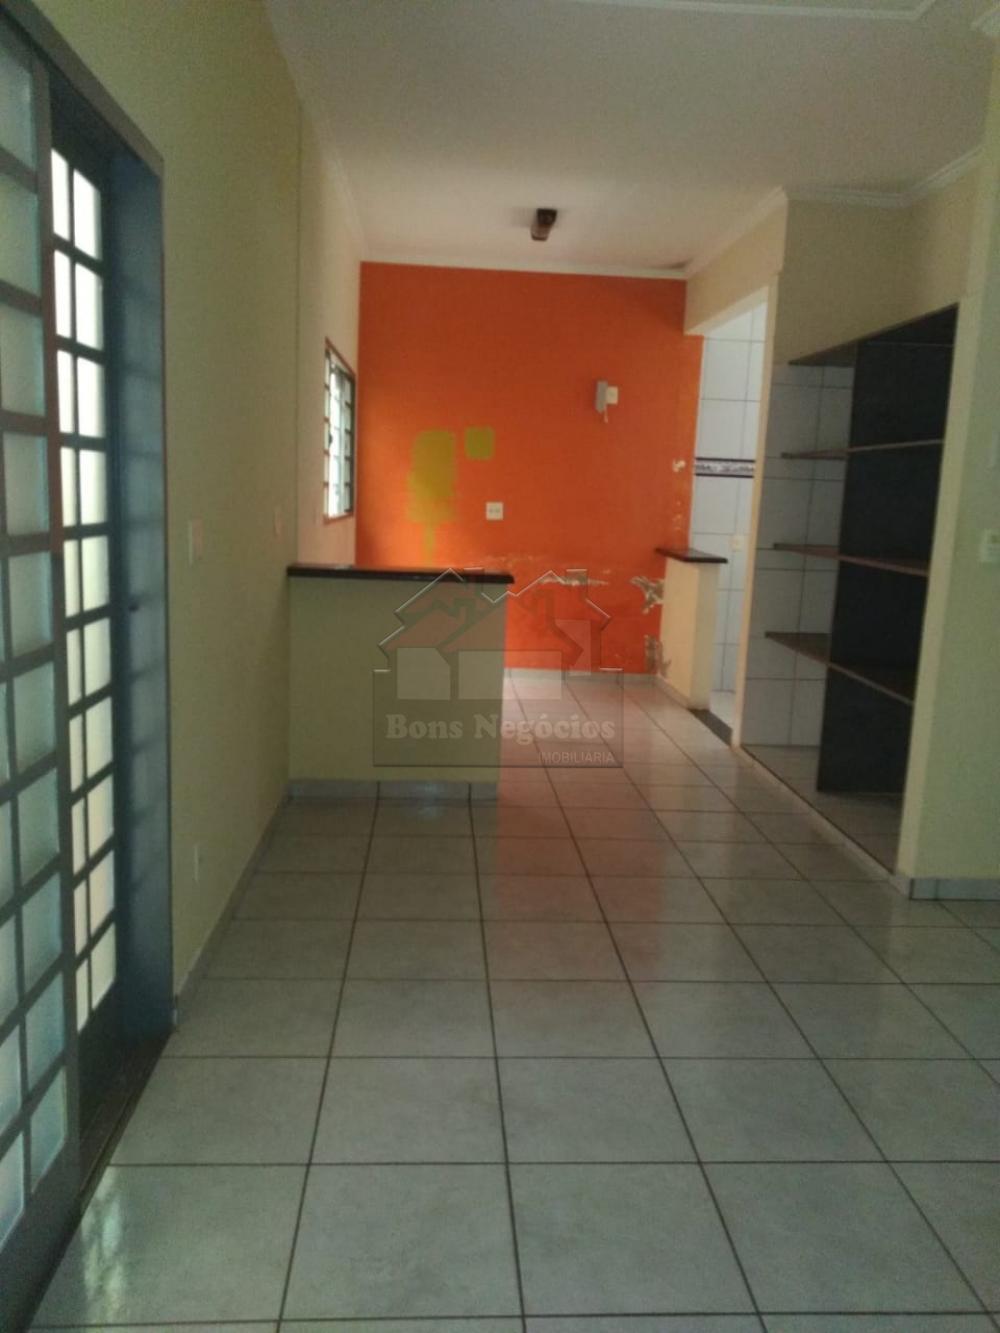 Comprar Casa / Padrão em Ribeirão Preto apenas R$ 250.000,00 - Foto 4